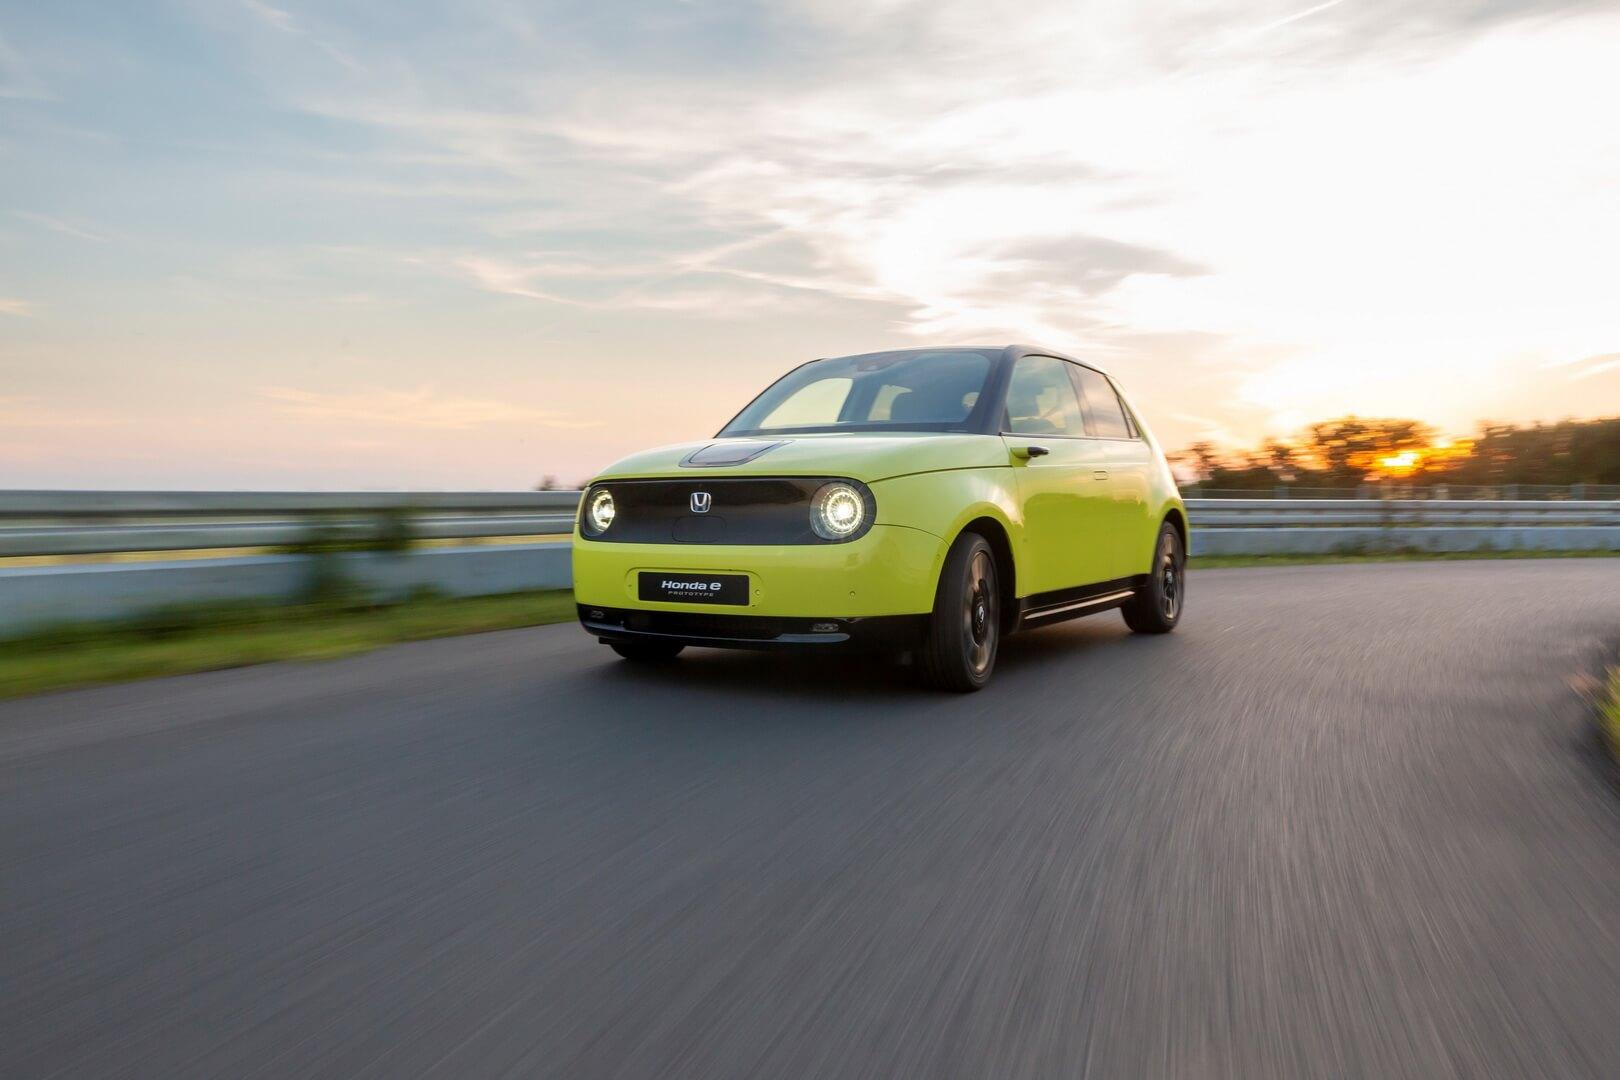 Honda раскрыла характеристики первого серийного электромобиля